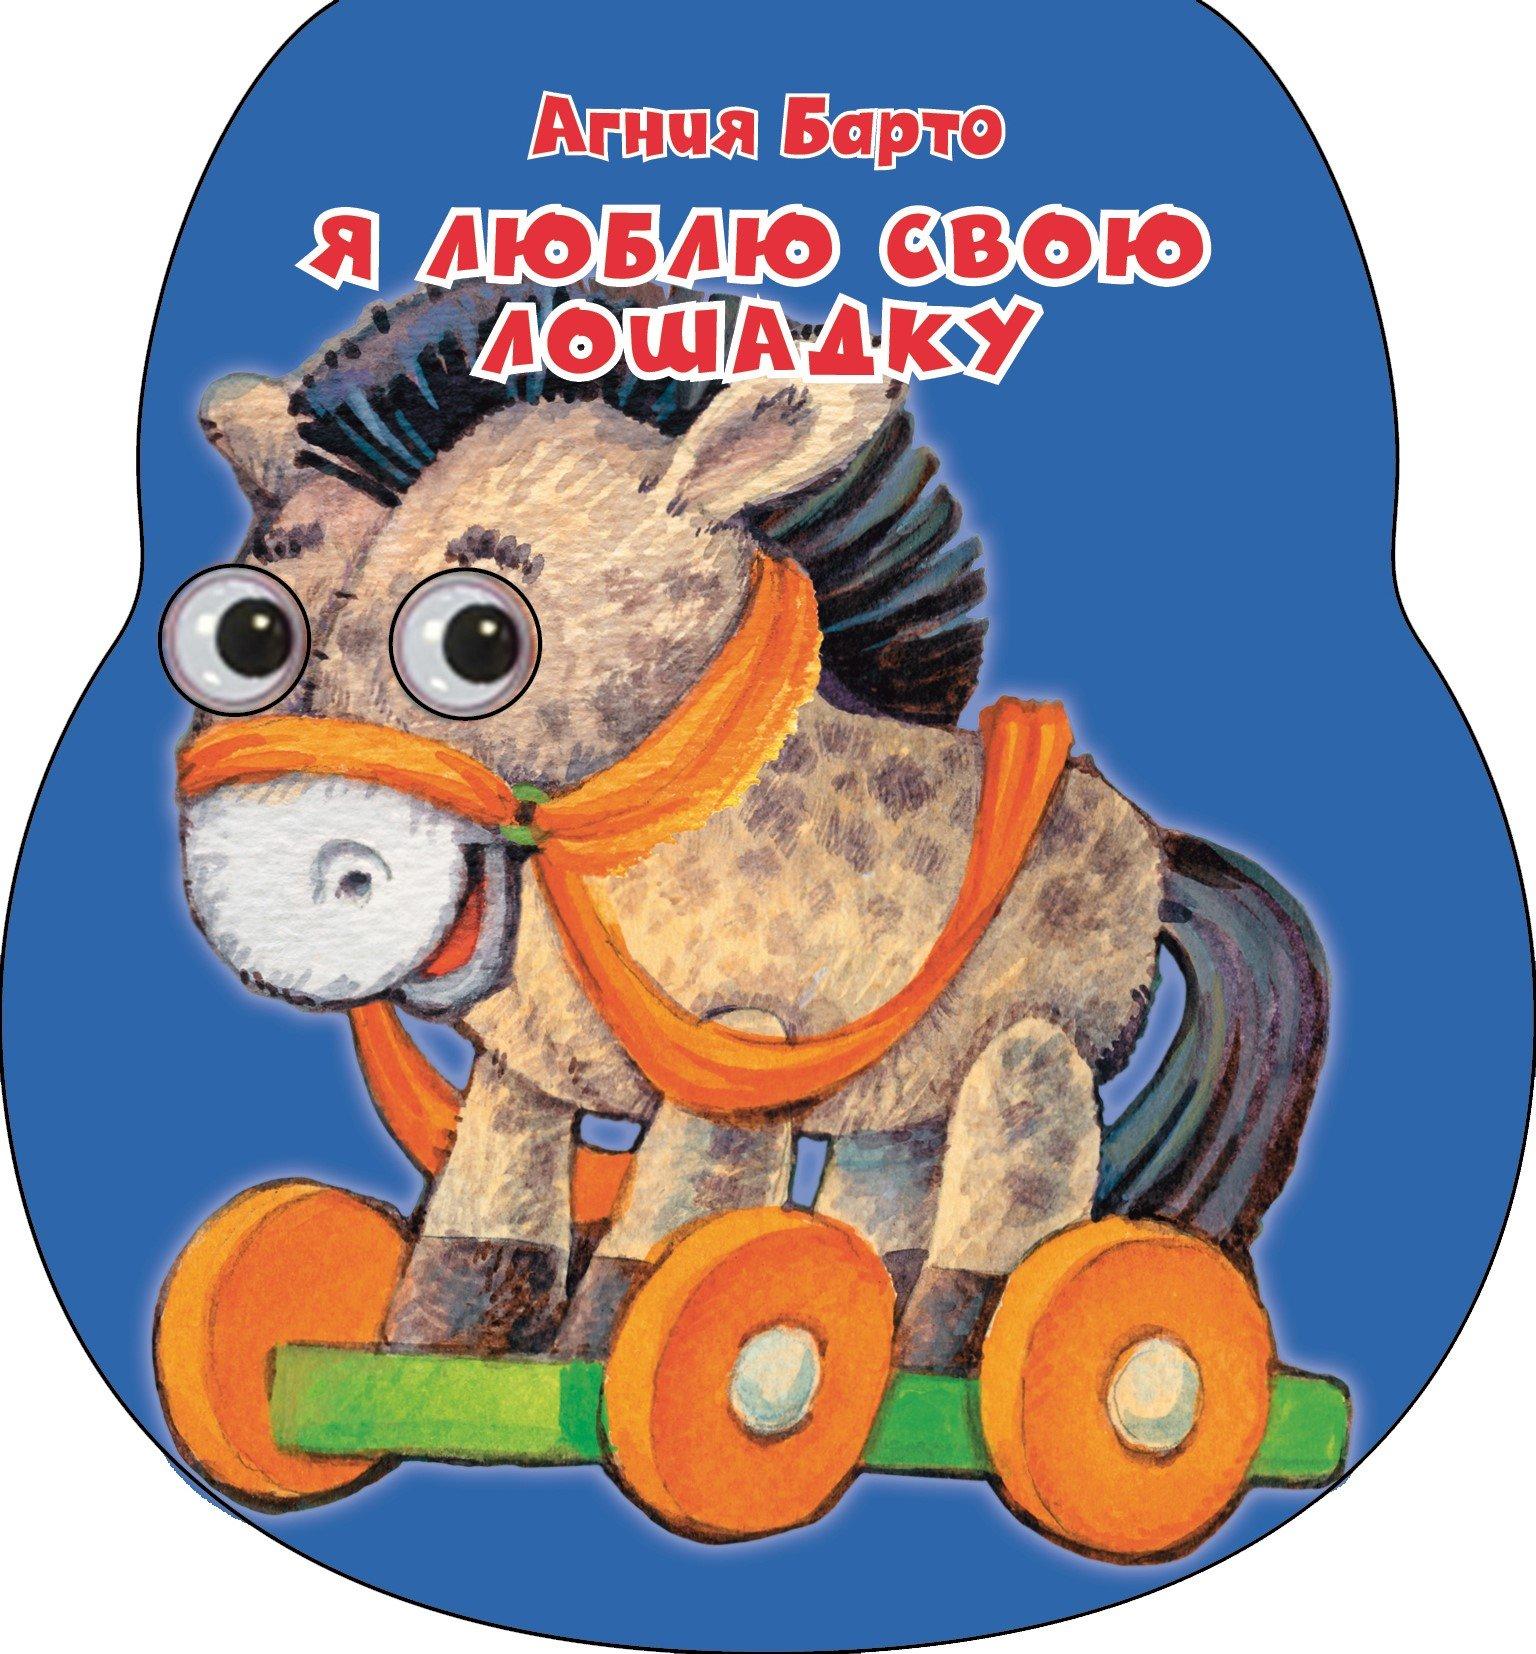 Агния Барто Я люблю свою лошадку барто агния львовна я люблю свою лошадку 5 звуковых кнопок